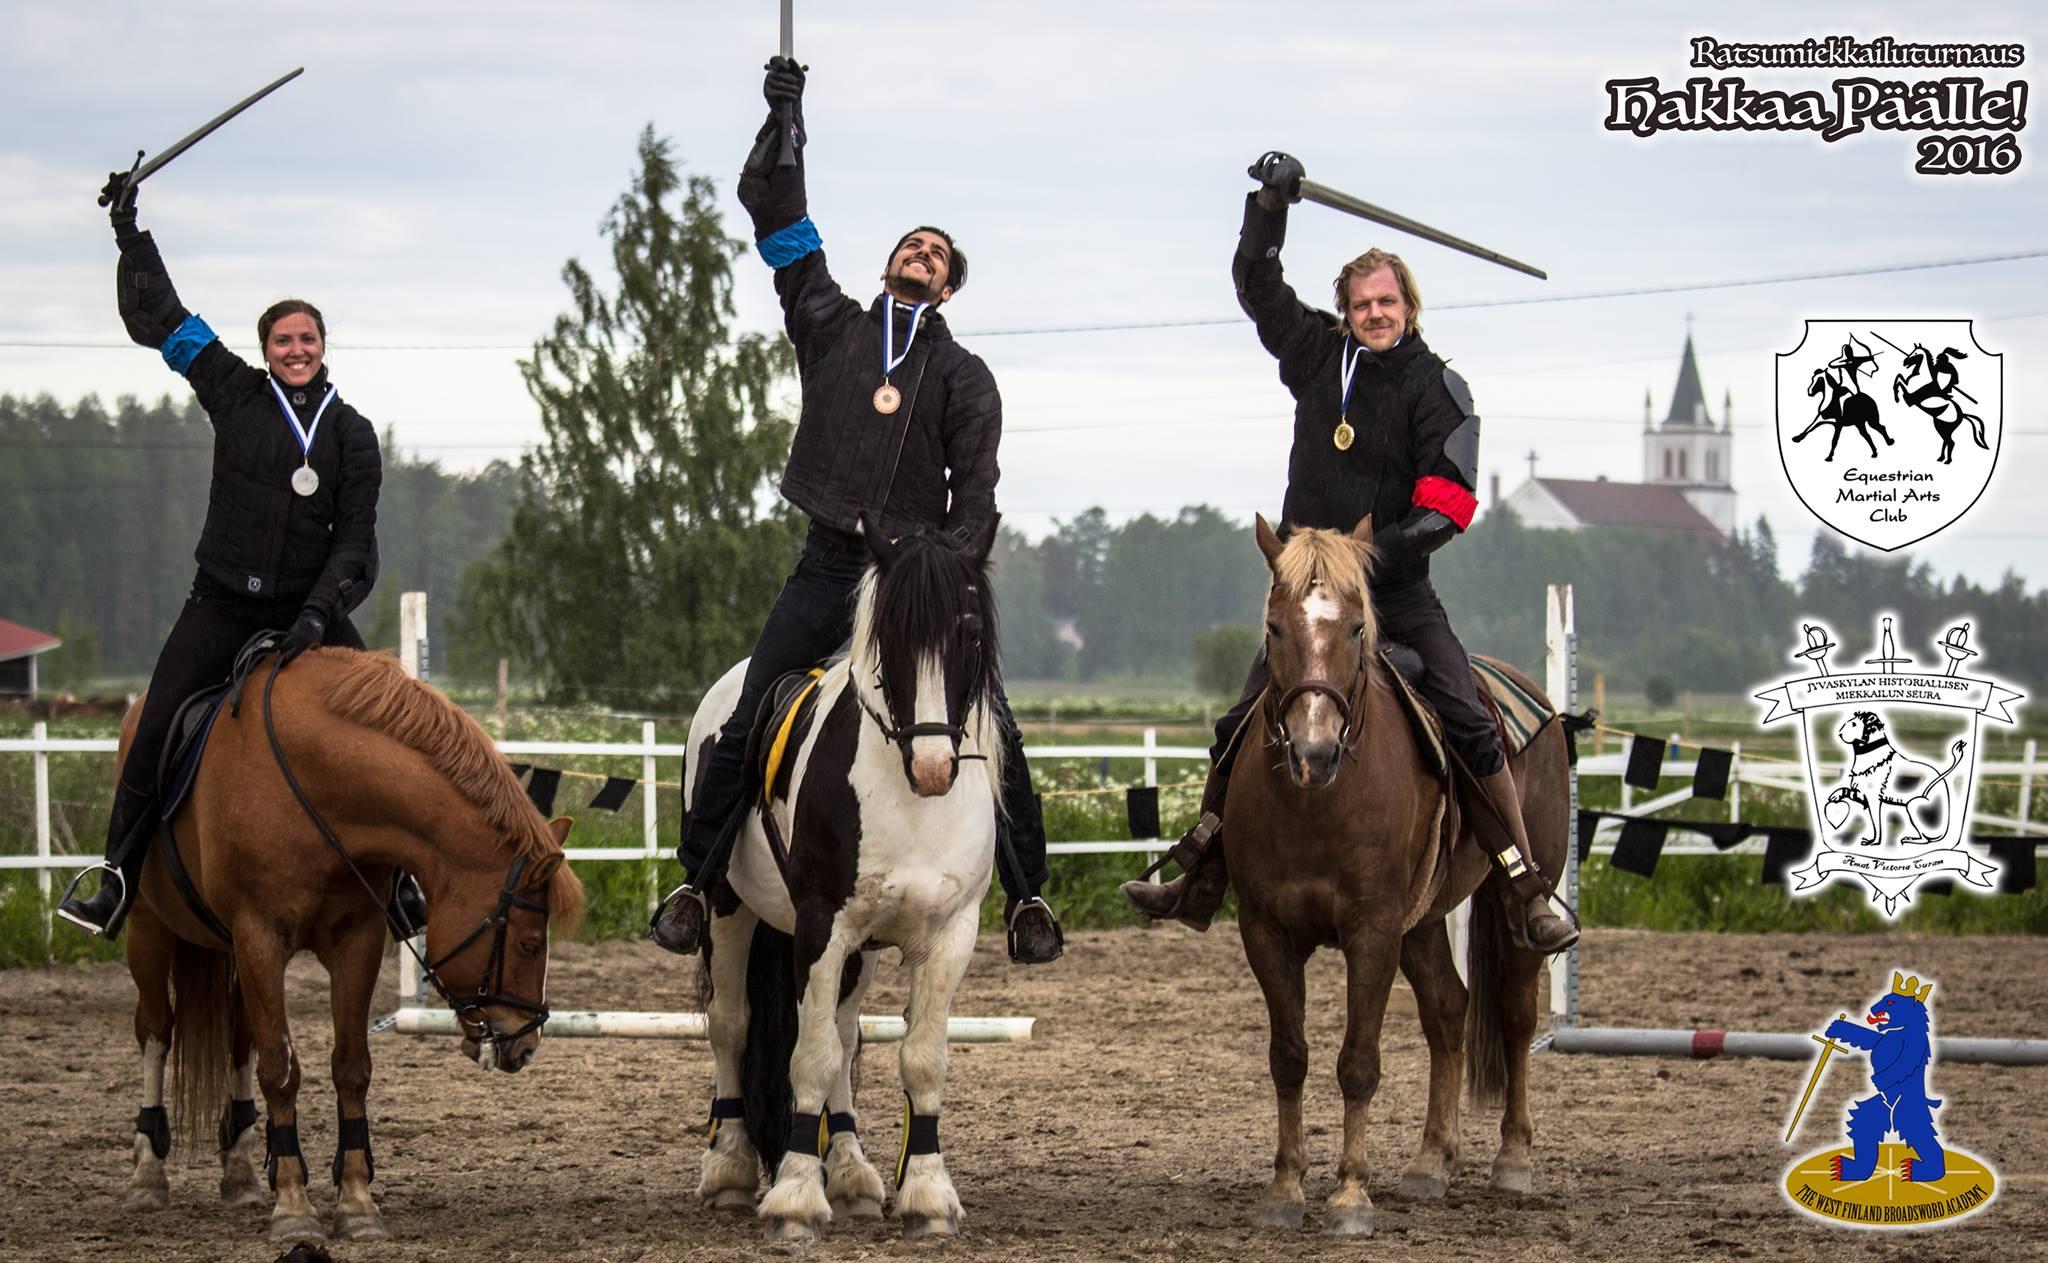 Ratsumiekkailuturnaus Hakkaa Päälle 2016